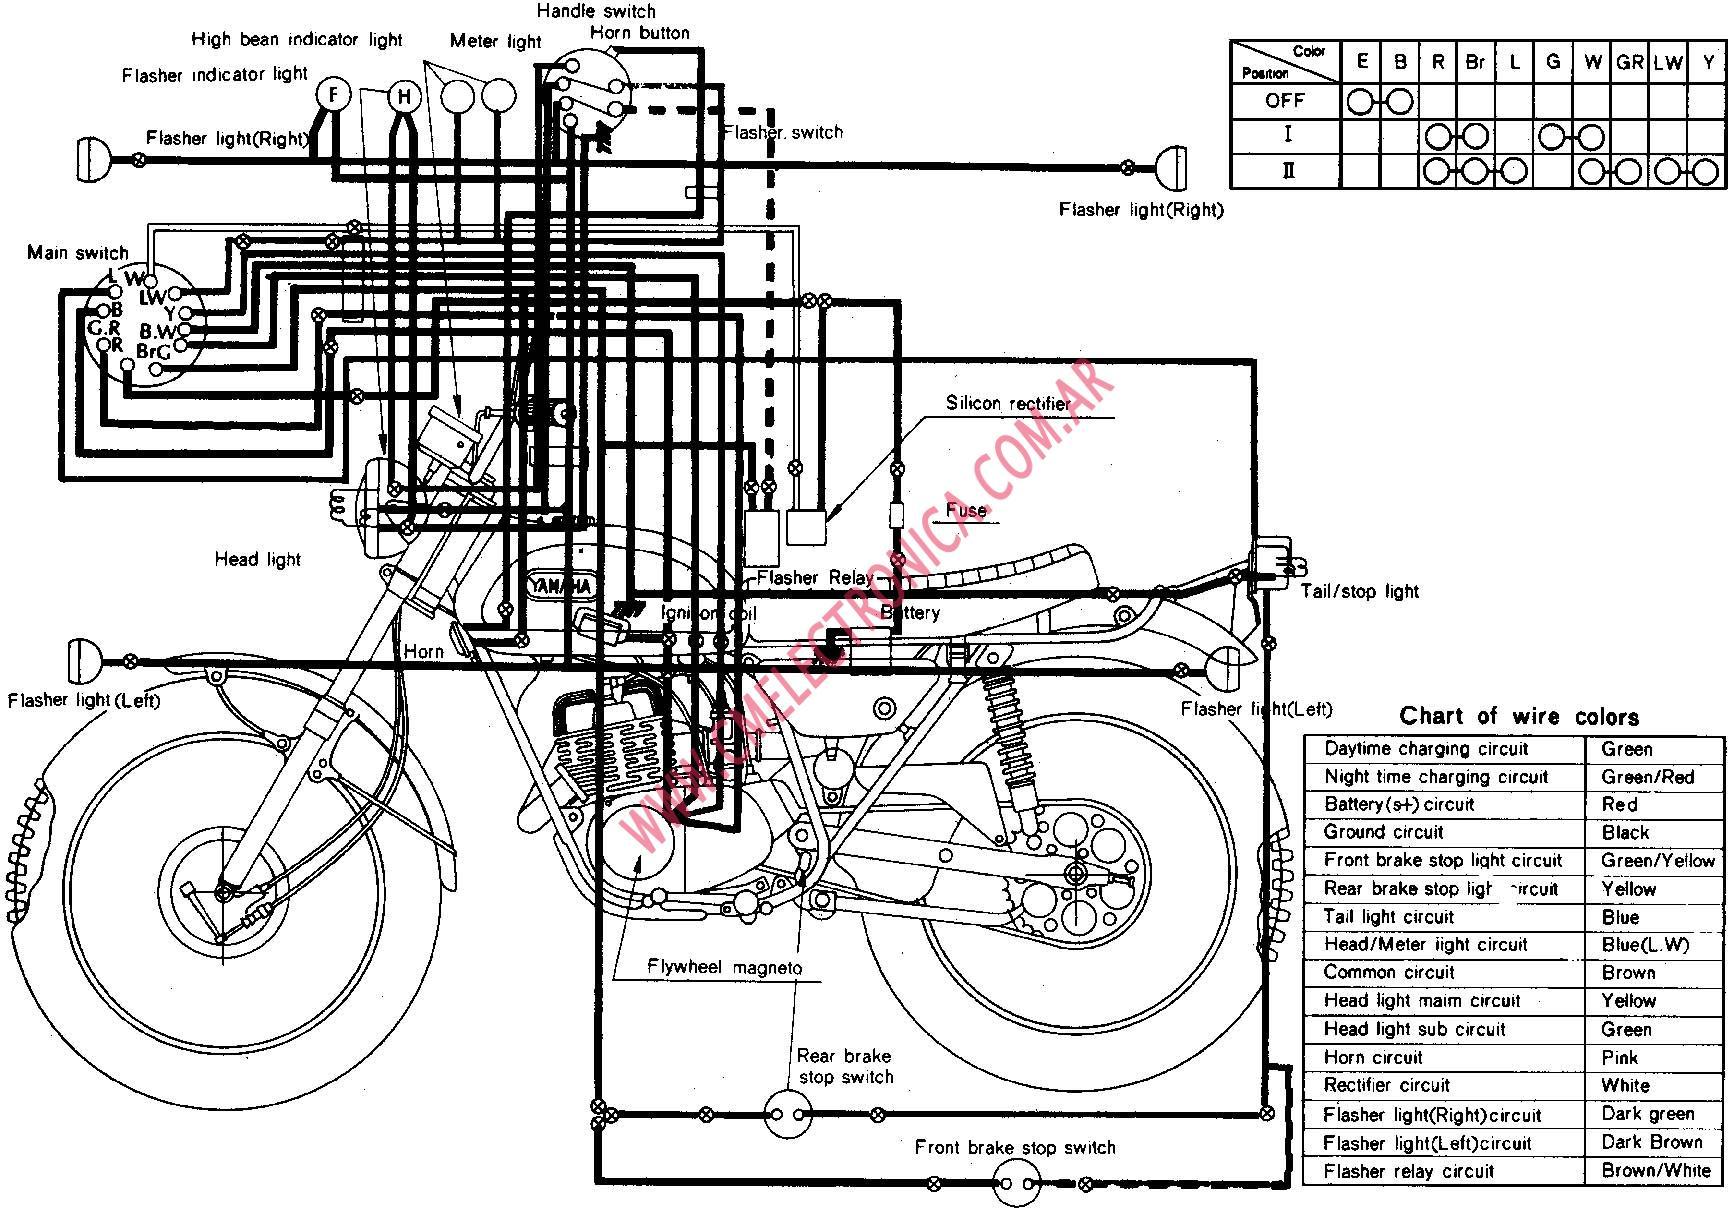 Yamaha At3 Wiring Diagram Wiring Diagram United A United A Maceratadoc It